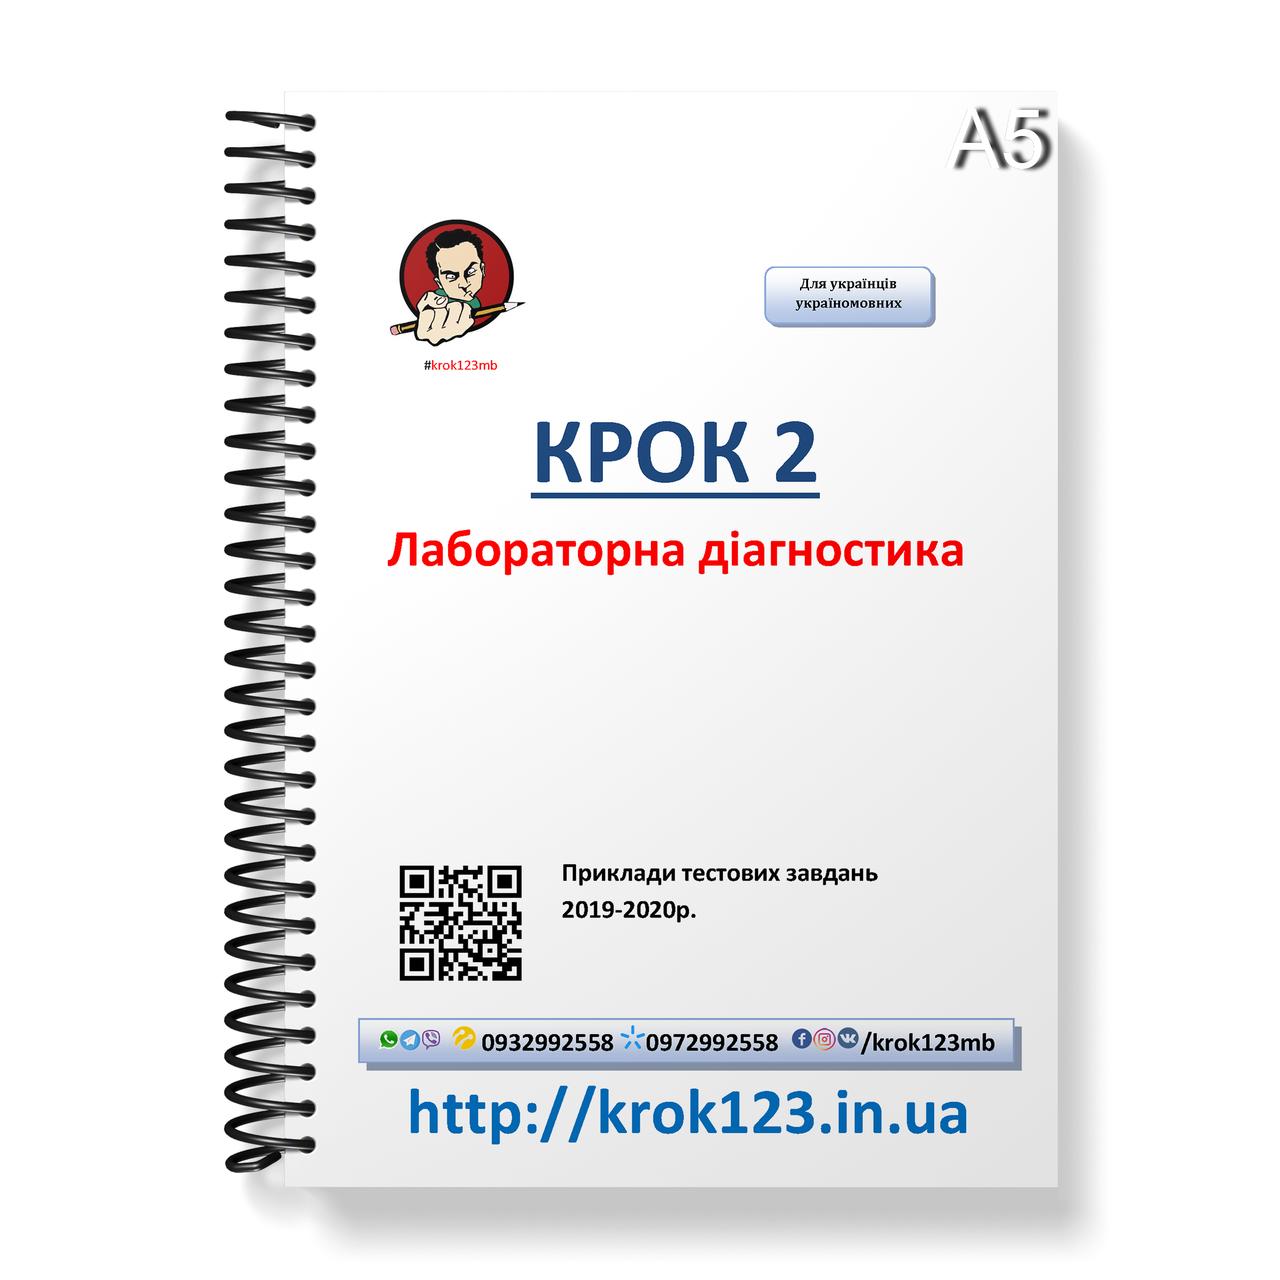 Крок 2. Лабораторная диагностика. ЕГКЭ (Примеры тестовых заданий) 2019-2020. Для украинцев украиноязычных.